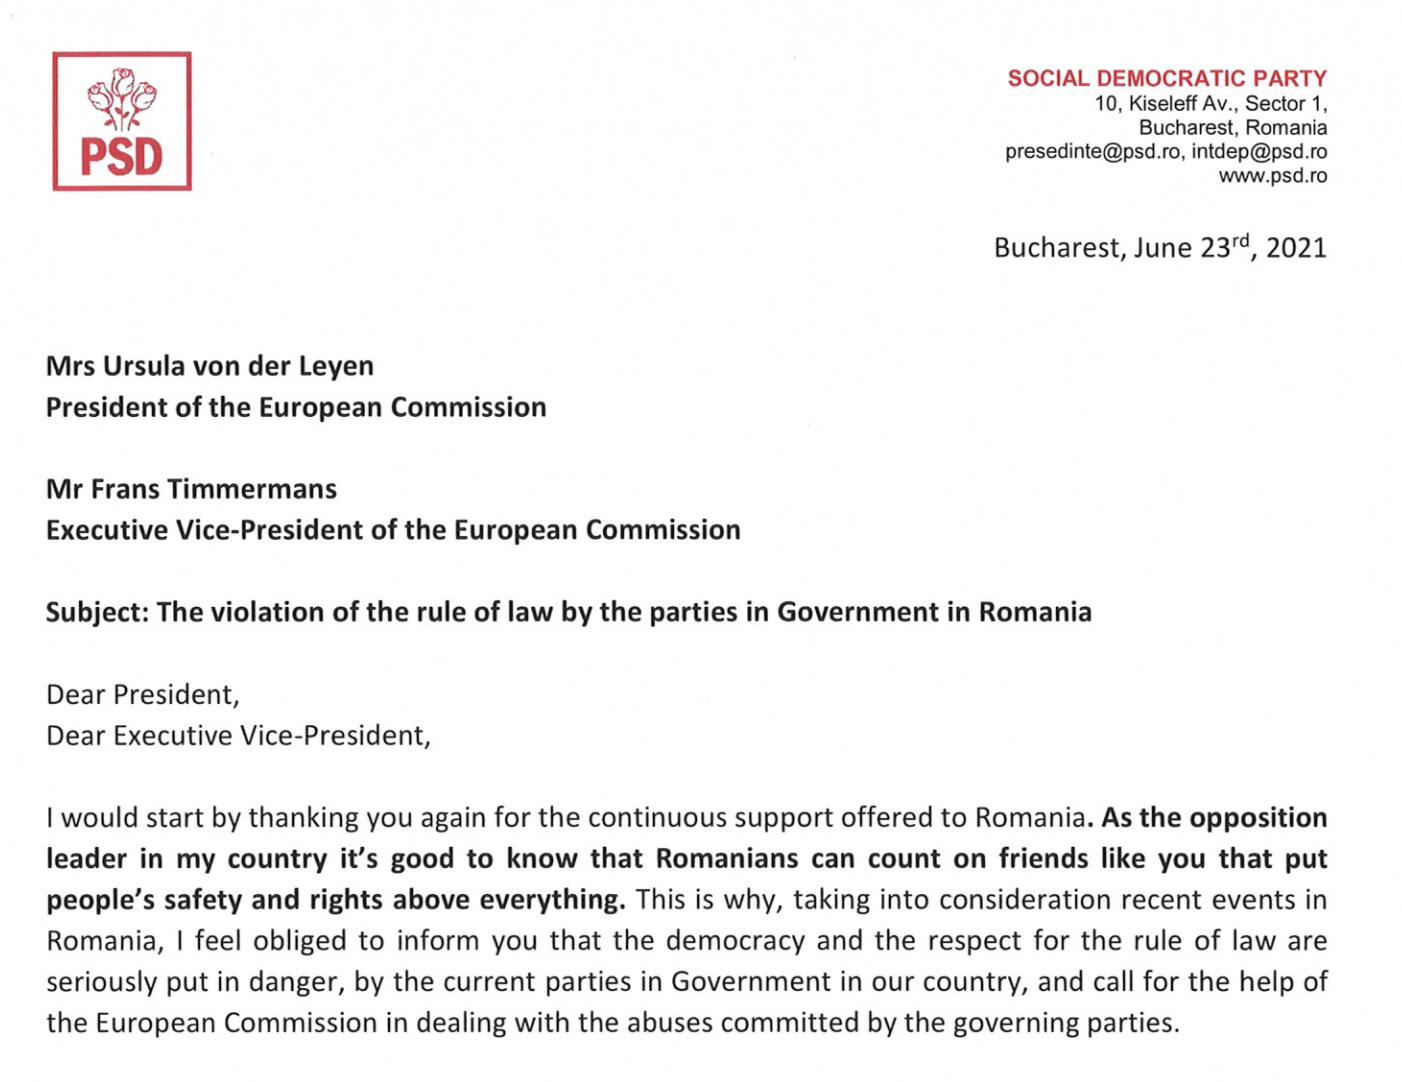 """Ciolacu, către Comisia Europeană: """"Cerem ajutor, statul de drept este serios în pericol!"""""""